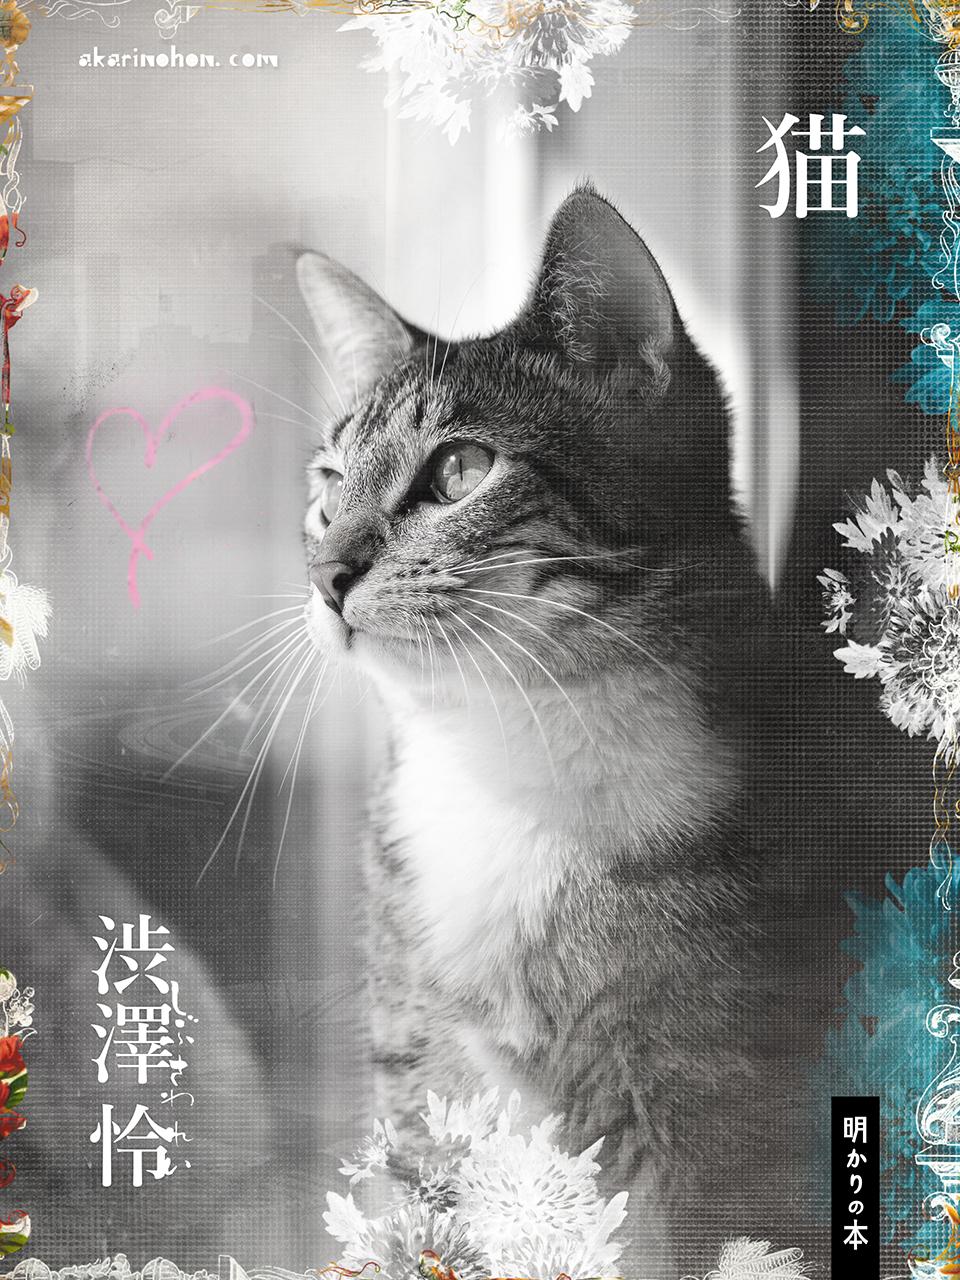 0000 - 猫 渋澤怜